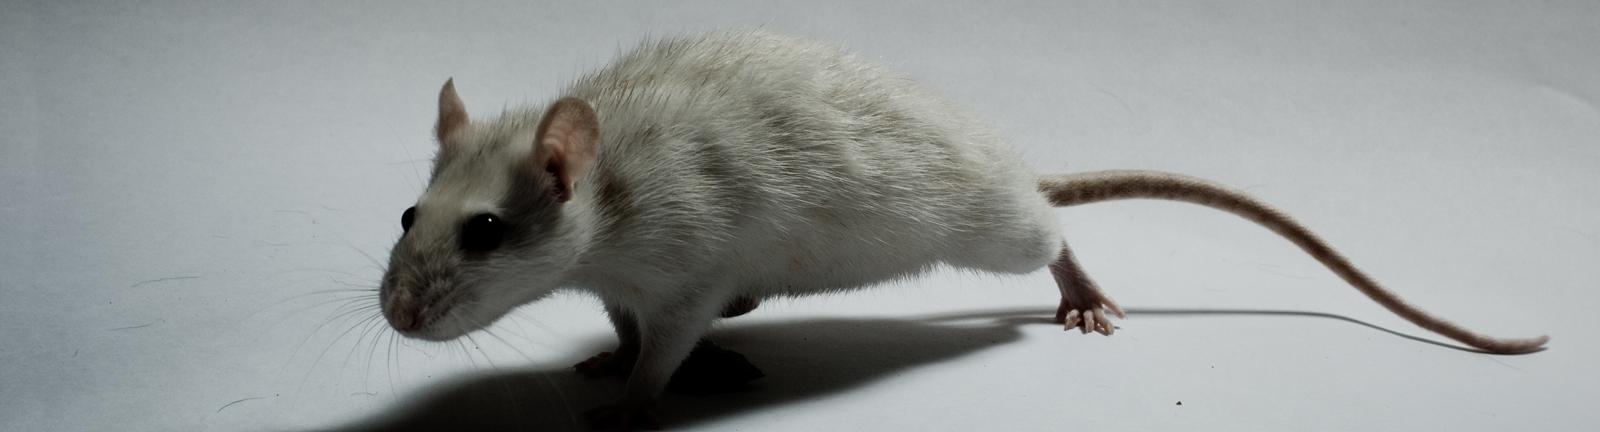 Eine Ratte krabbelt auf dem Boden